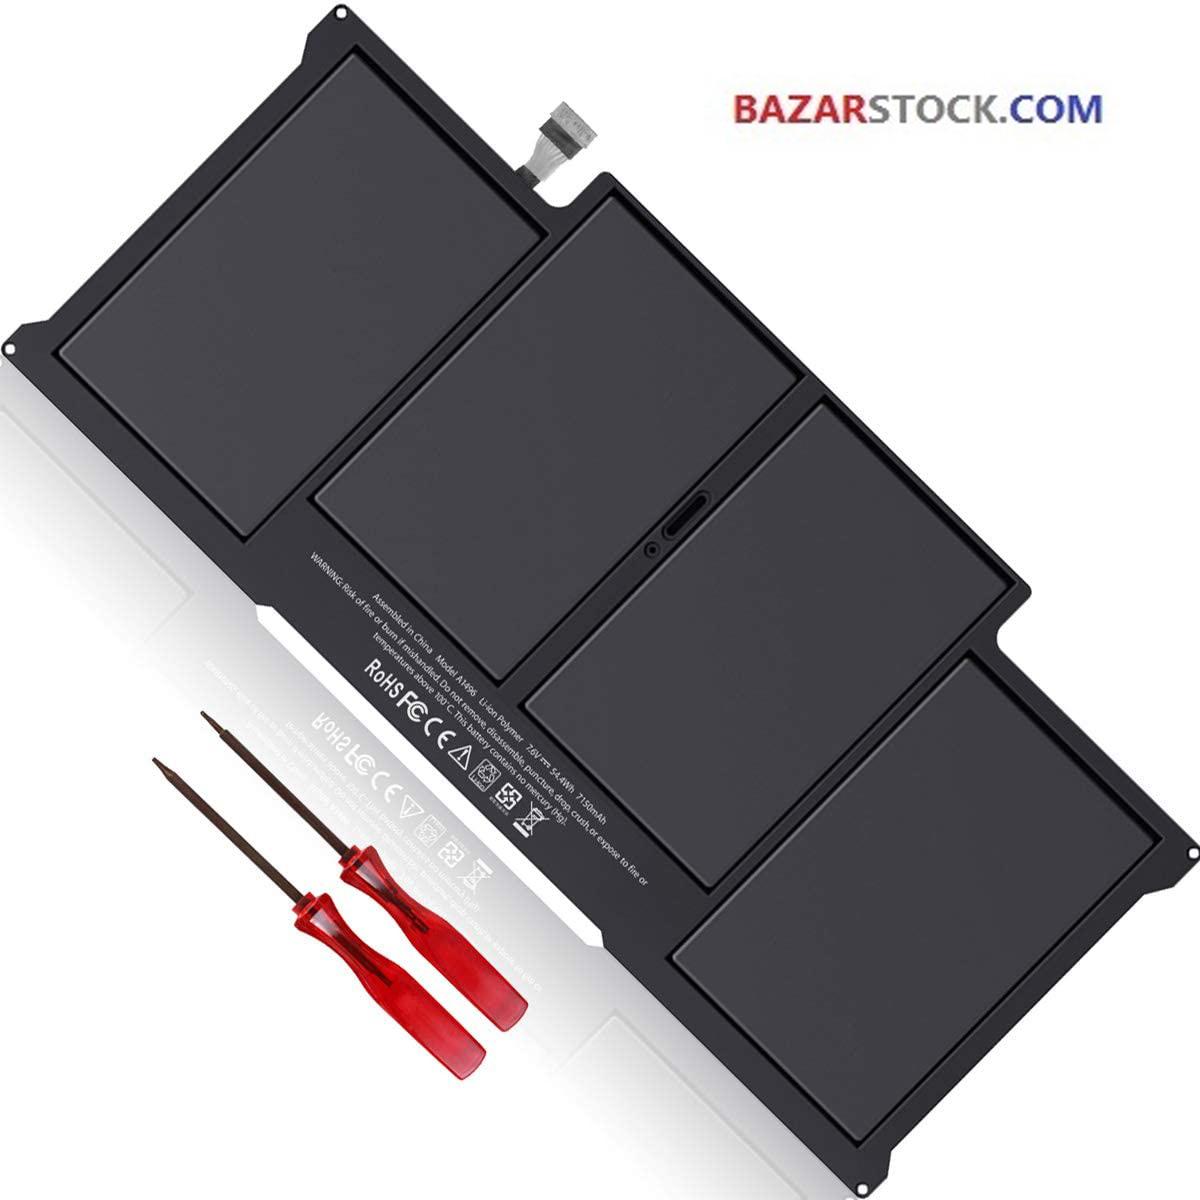 باتری لپ تاپ اپل A1496 Air13Inch A1466-2013 اورجینال